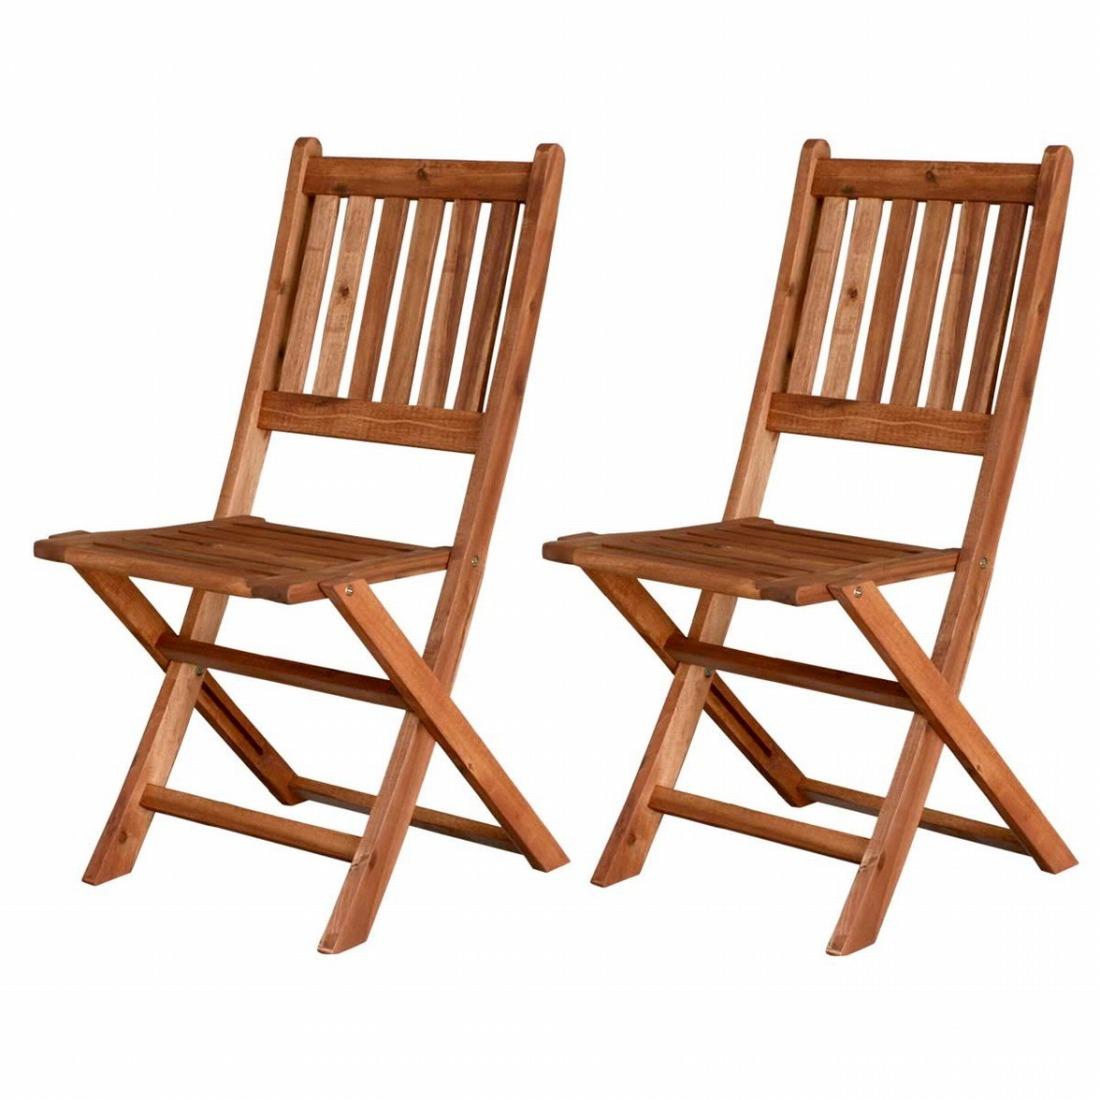 ガーデンチェア(肘なし) 2脚セット 木製 天然木 庭 ベランダ おしゃれ 北欧 ガーデン 屋外 ピクニック キャンプ(代引不可)【送料無料】